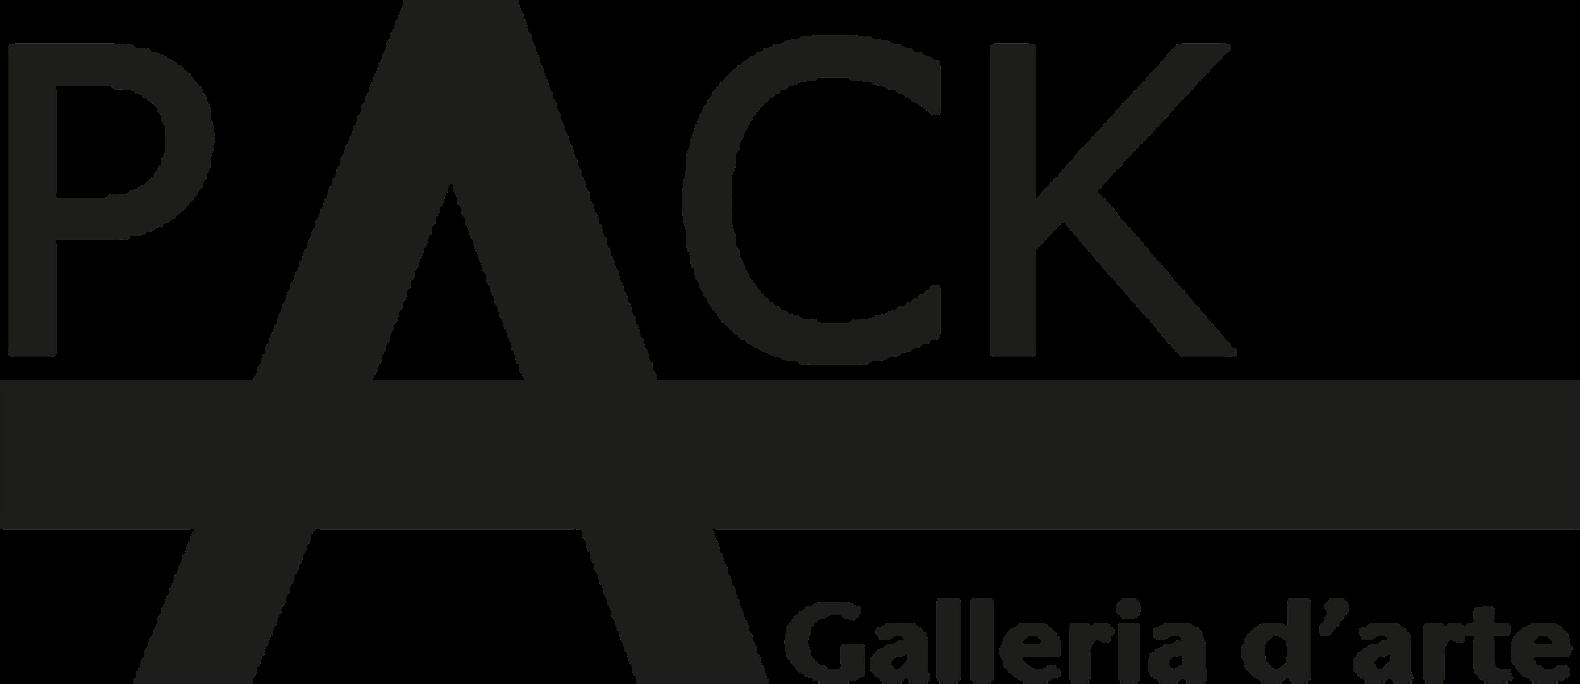 GALLERIA D'ARTE PACK